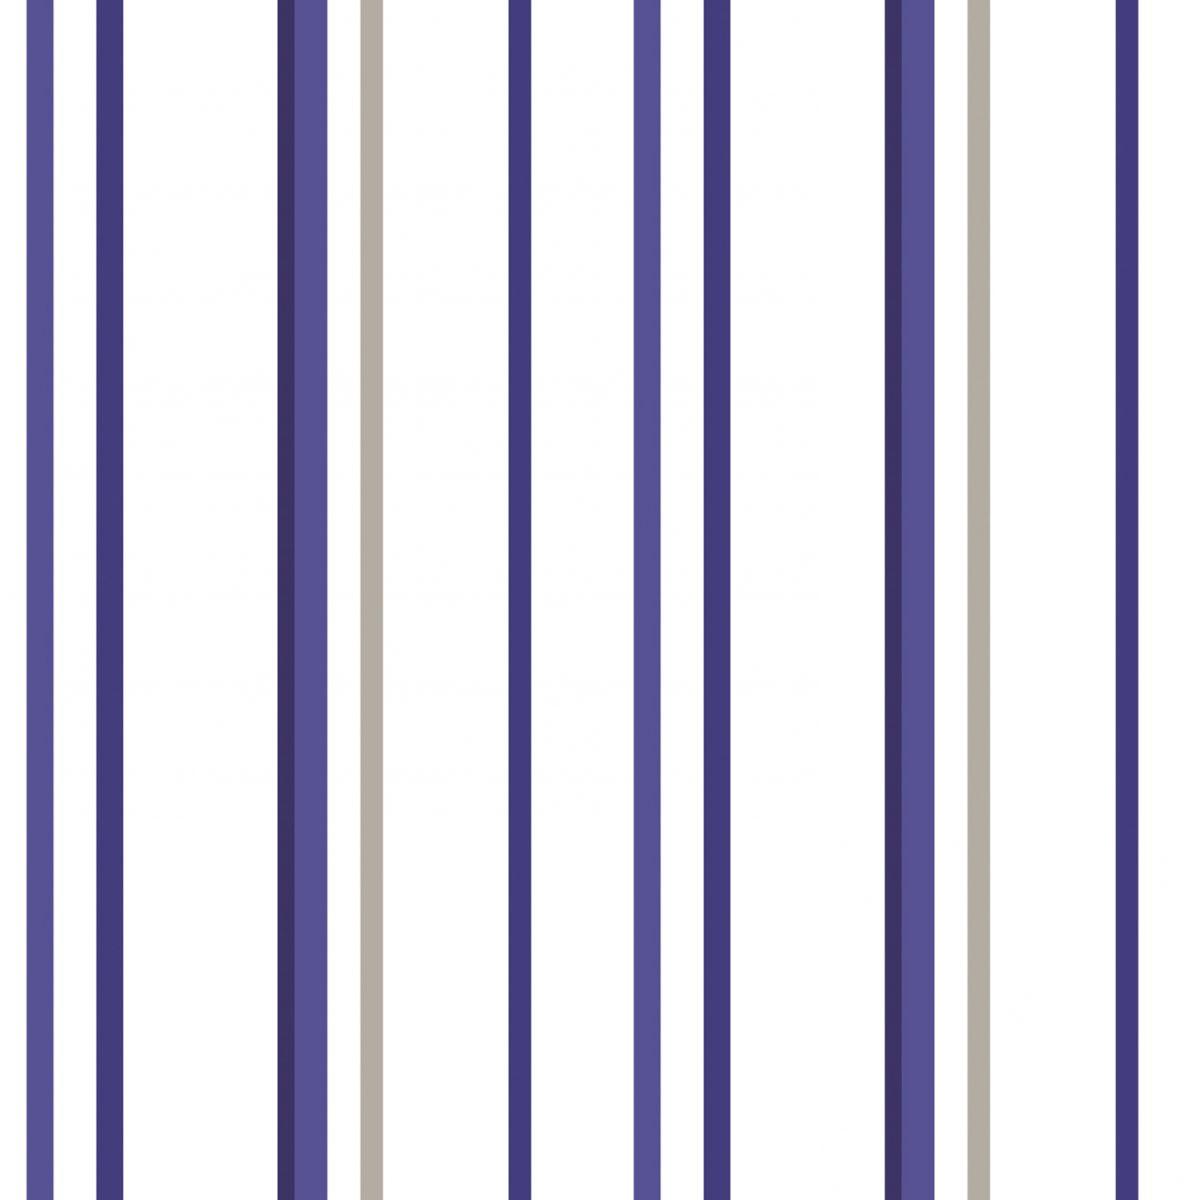 Papel de parede listra soft vinílico Renascer